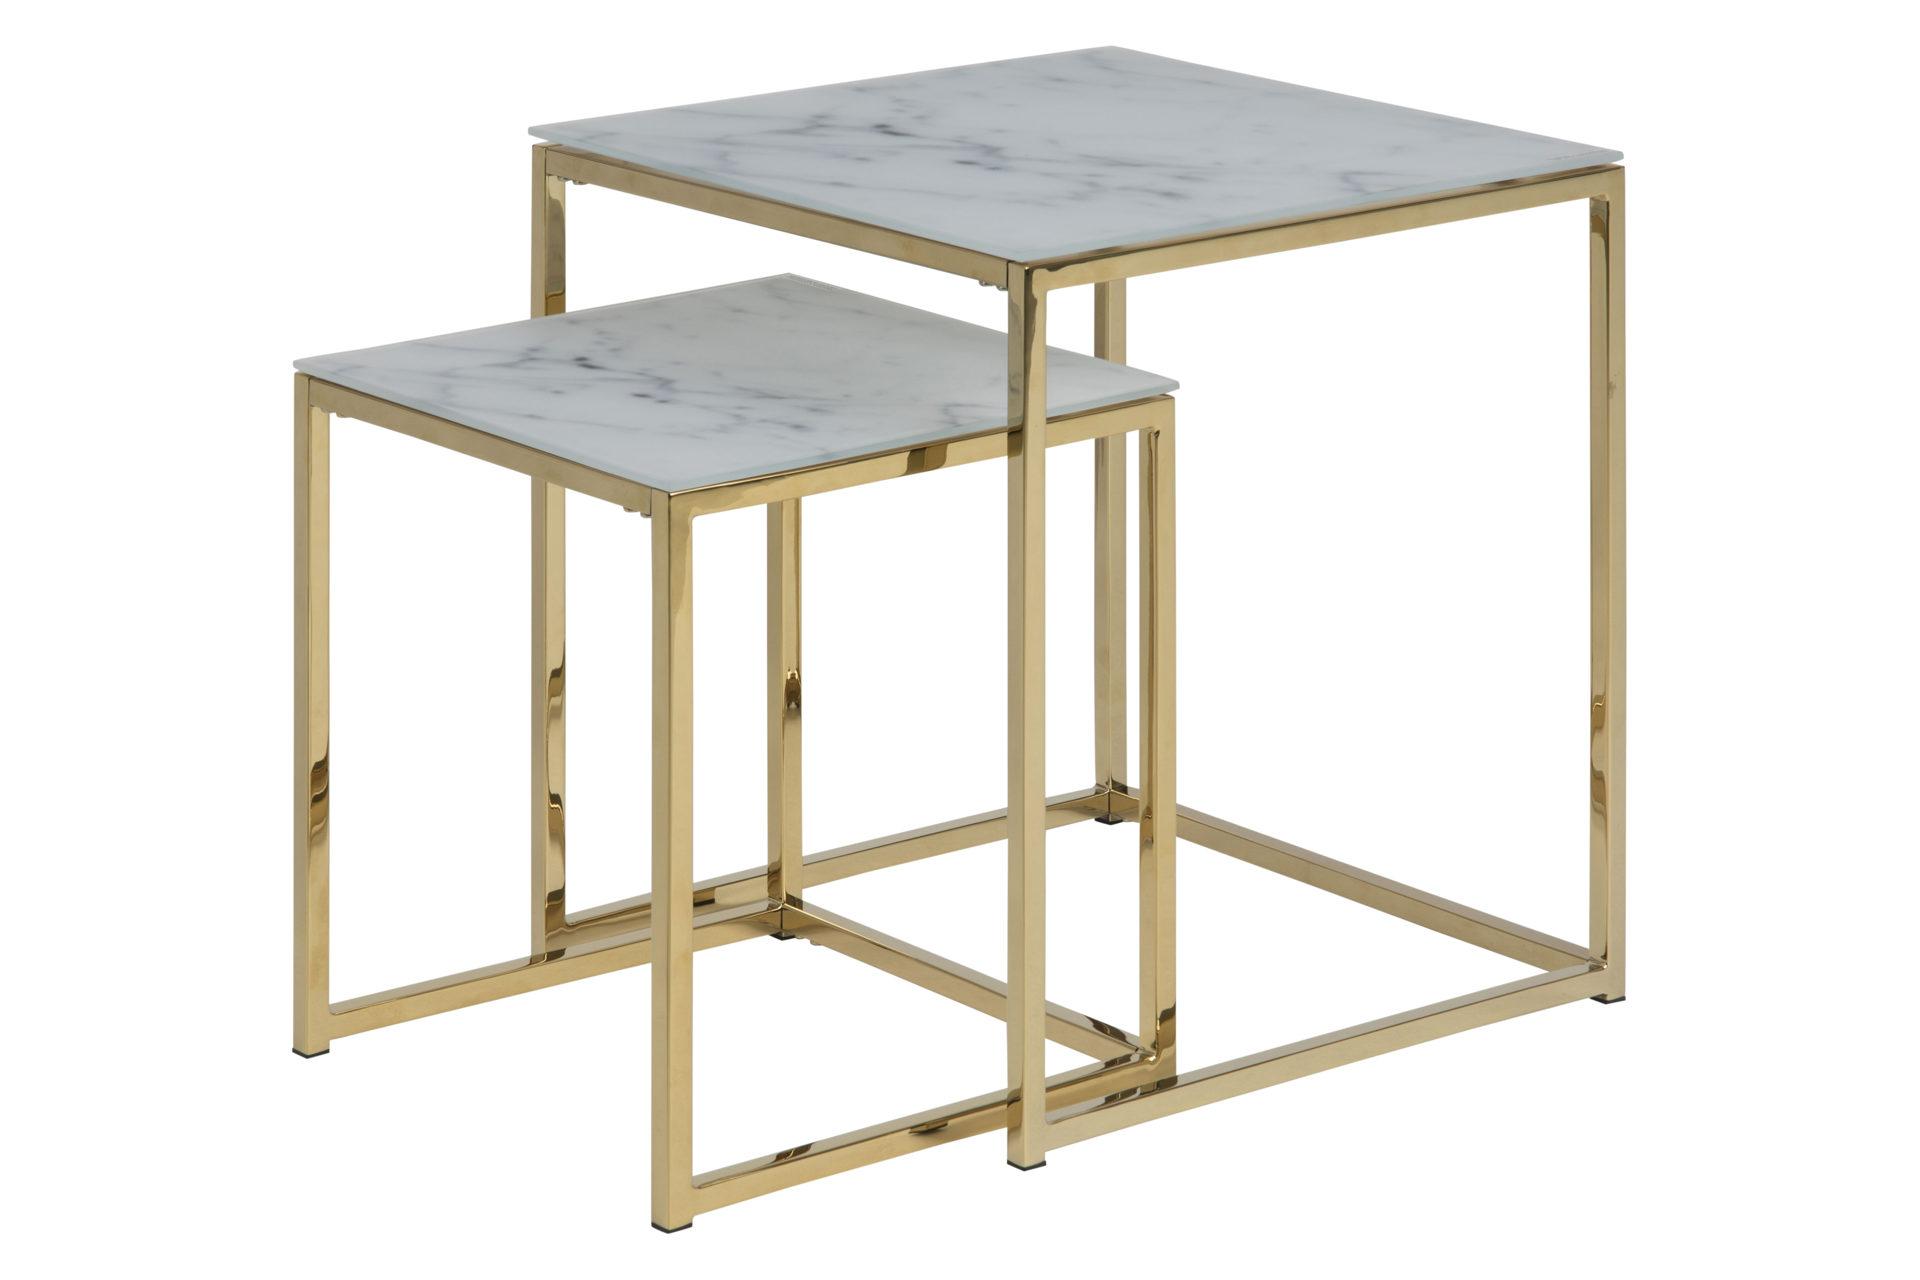 hoffmann mobel guben raume wohnzimmer couchtische beistelltische zwei satz tisch zwei satz tisch bzw wohnzimmertisch weiss marmorierte platte